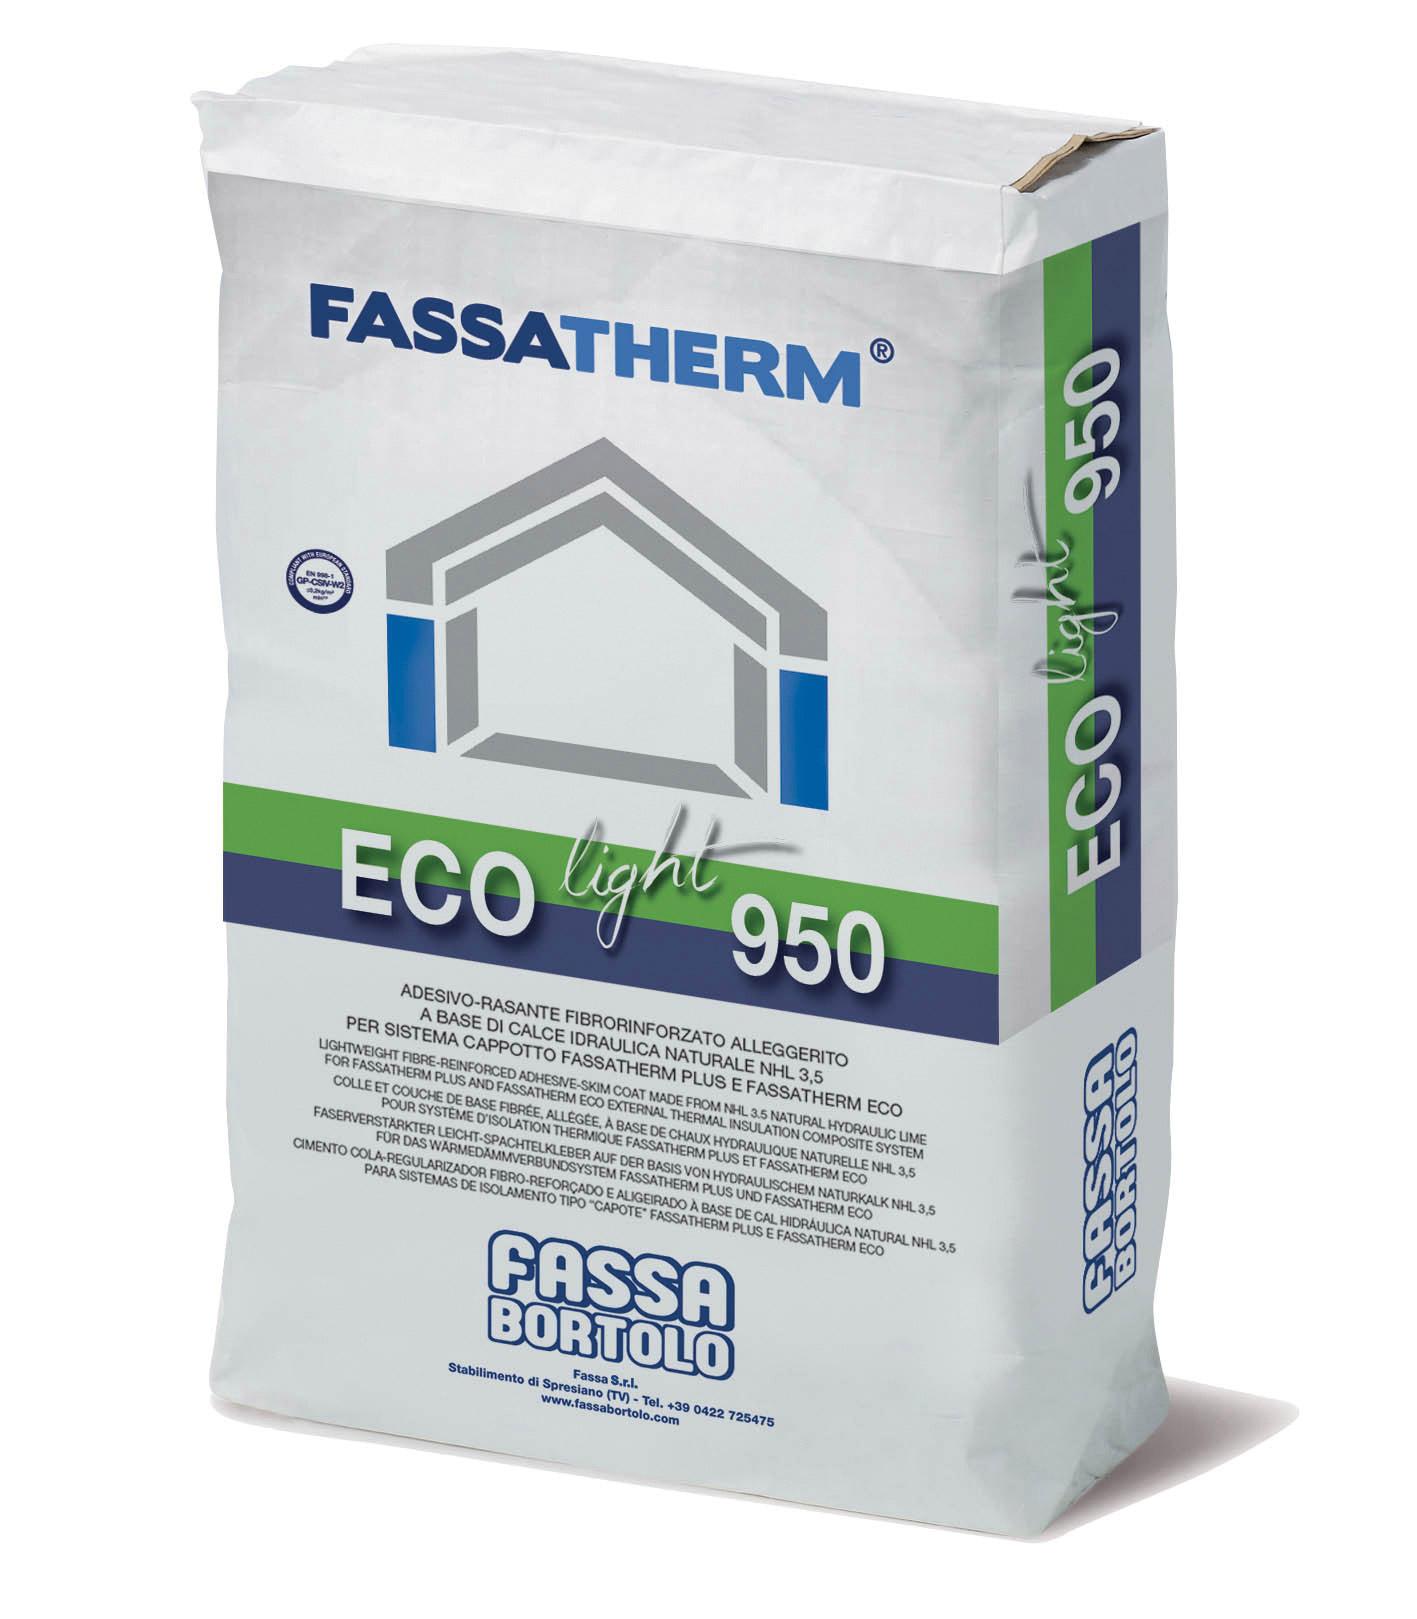 ECO-LIGHT 950: Adesivo-rasante fibrorinforzato alleggerito a base di calce idraulica naturale NHL 3,5 per sistema cappotto Fassatherm PLUS e Fassatherm ECO